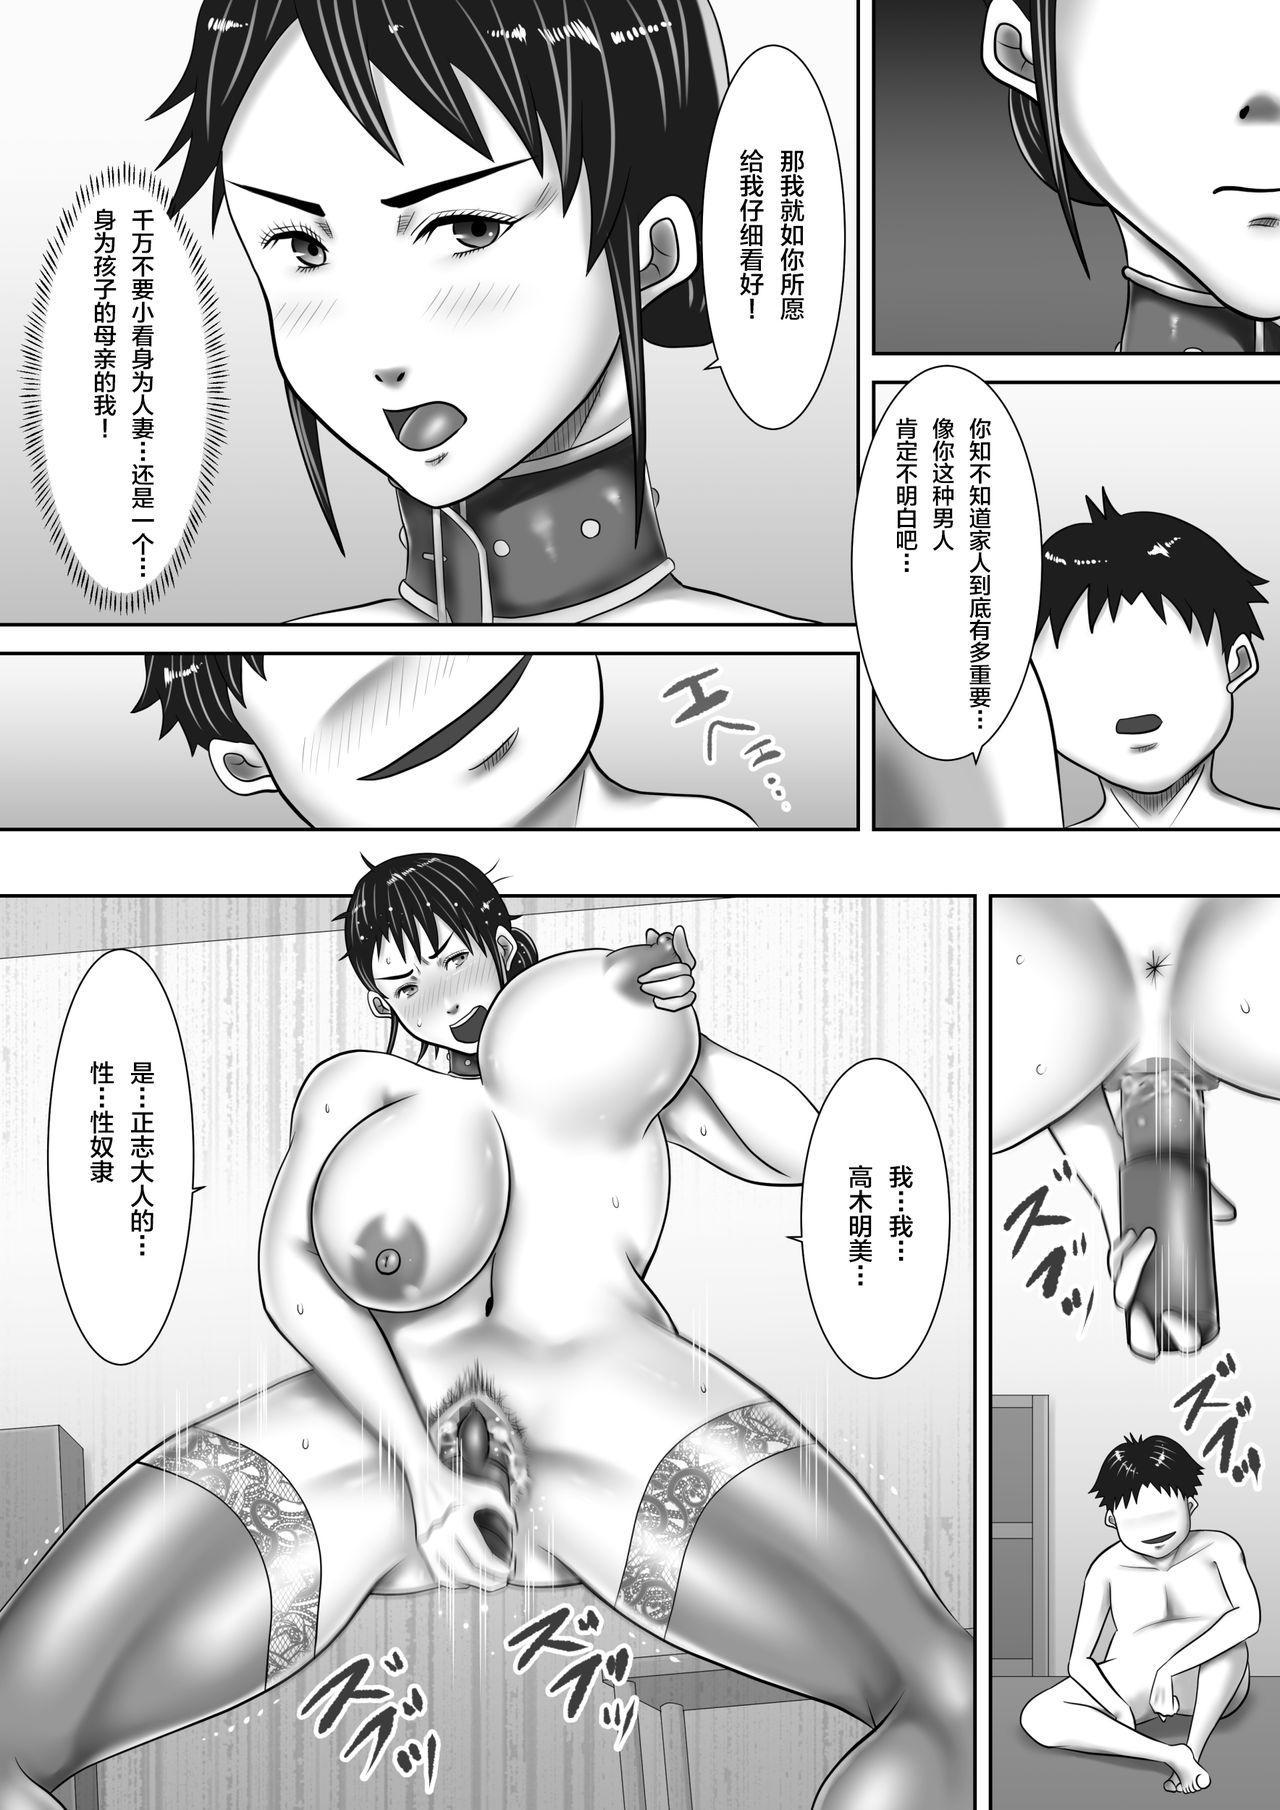 Jitaku de Netorareta Kachiki na Hitozuma 25